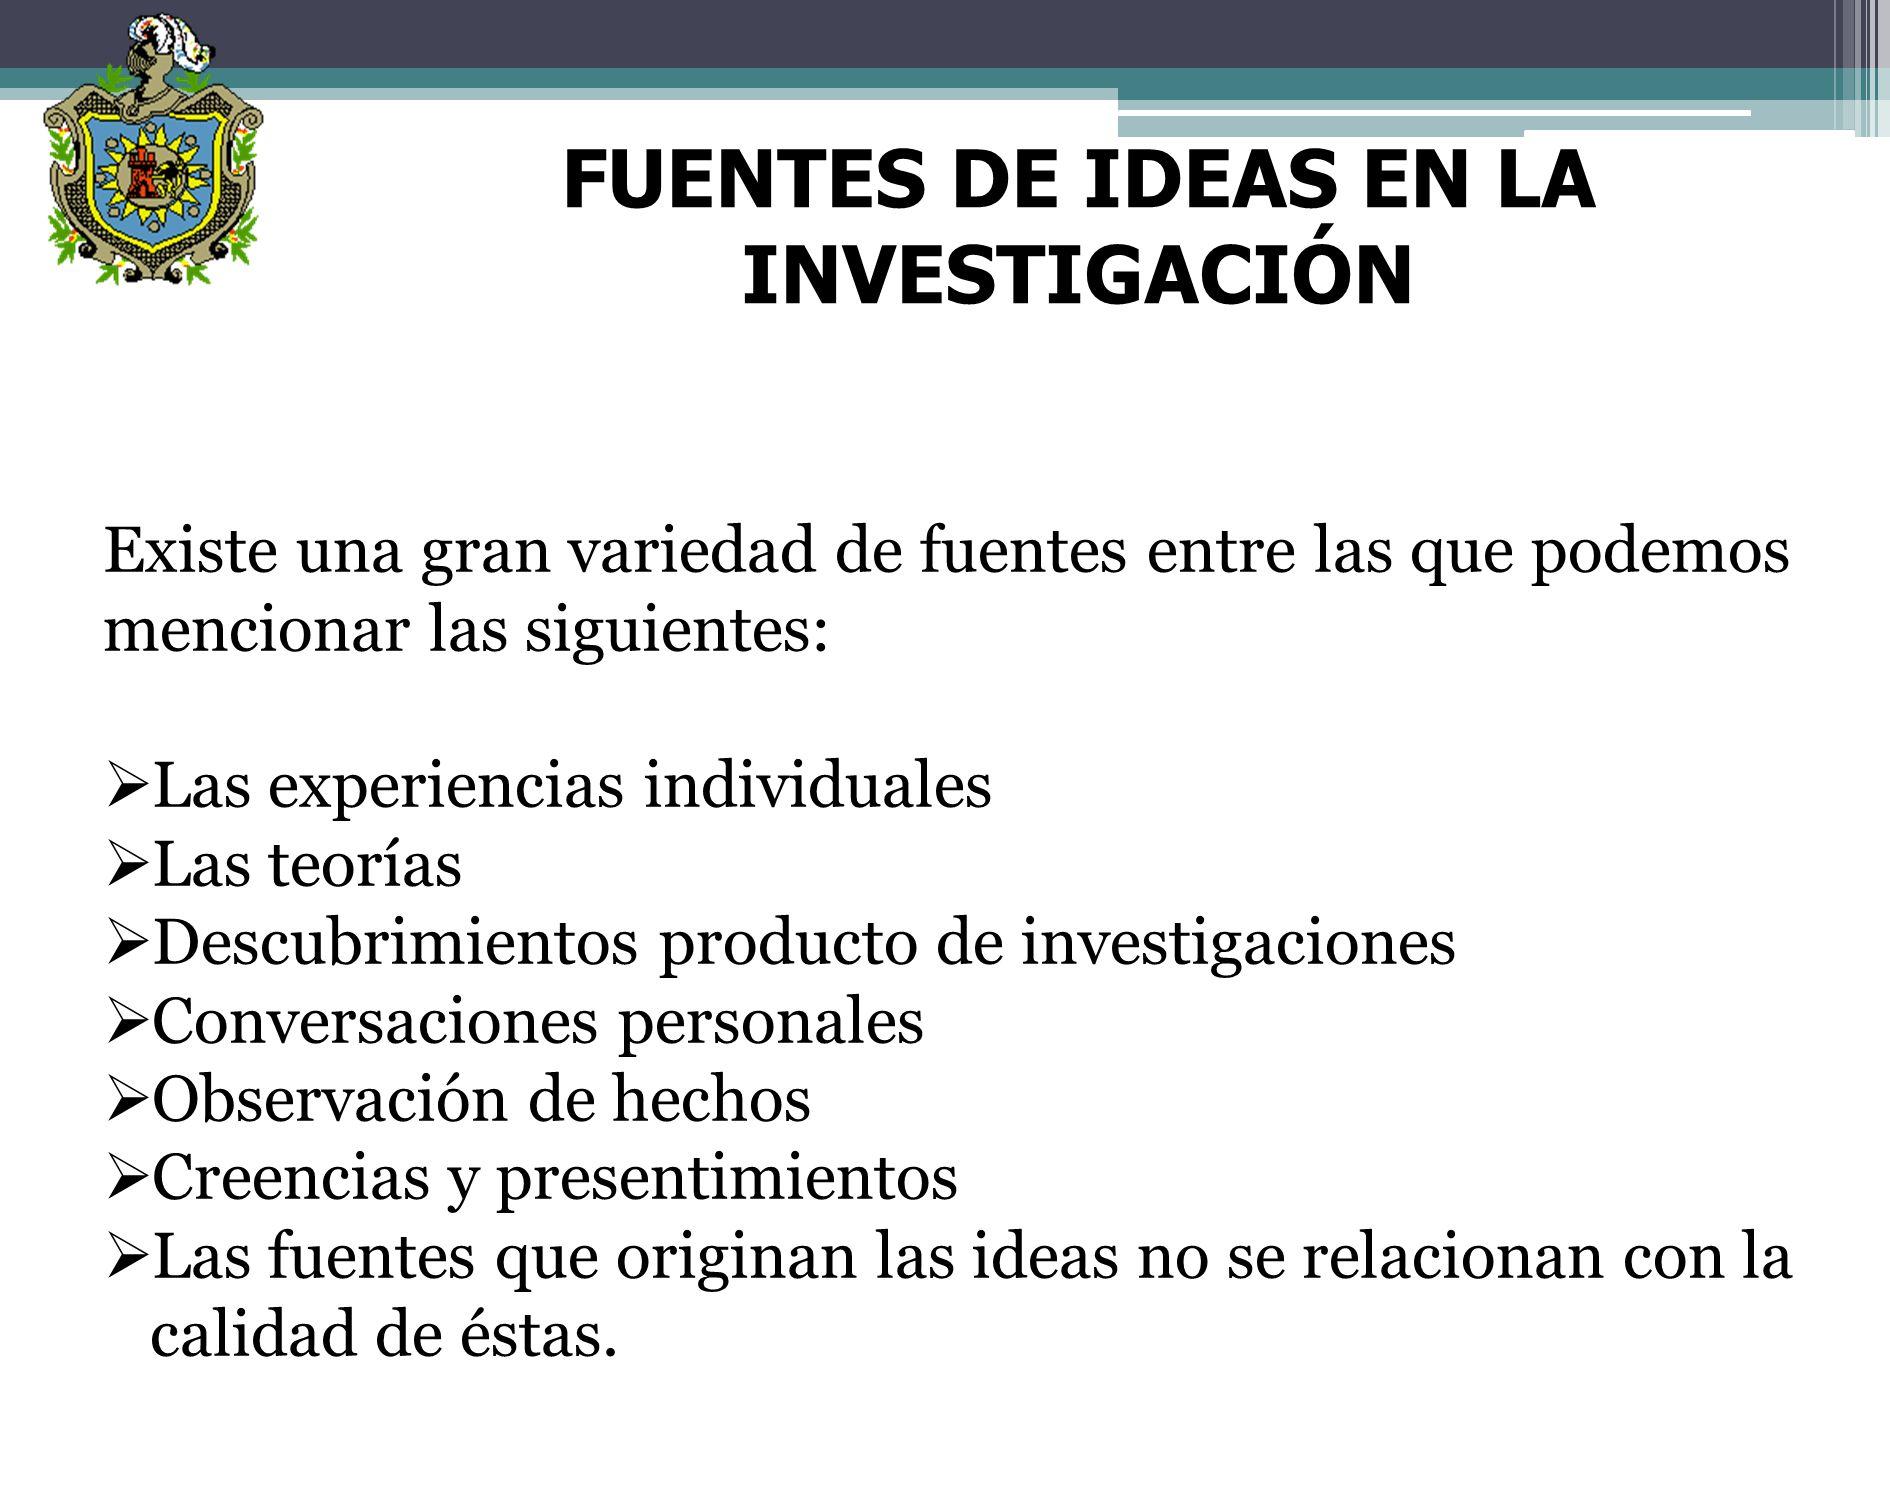 ORIGEN DE LAS INVESTIGACIONES Las investigaciones se originan en ideas Para iniciar una investigación siempre se necesita una idea Hasta la fecha no s